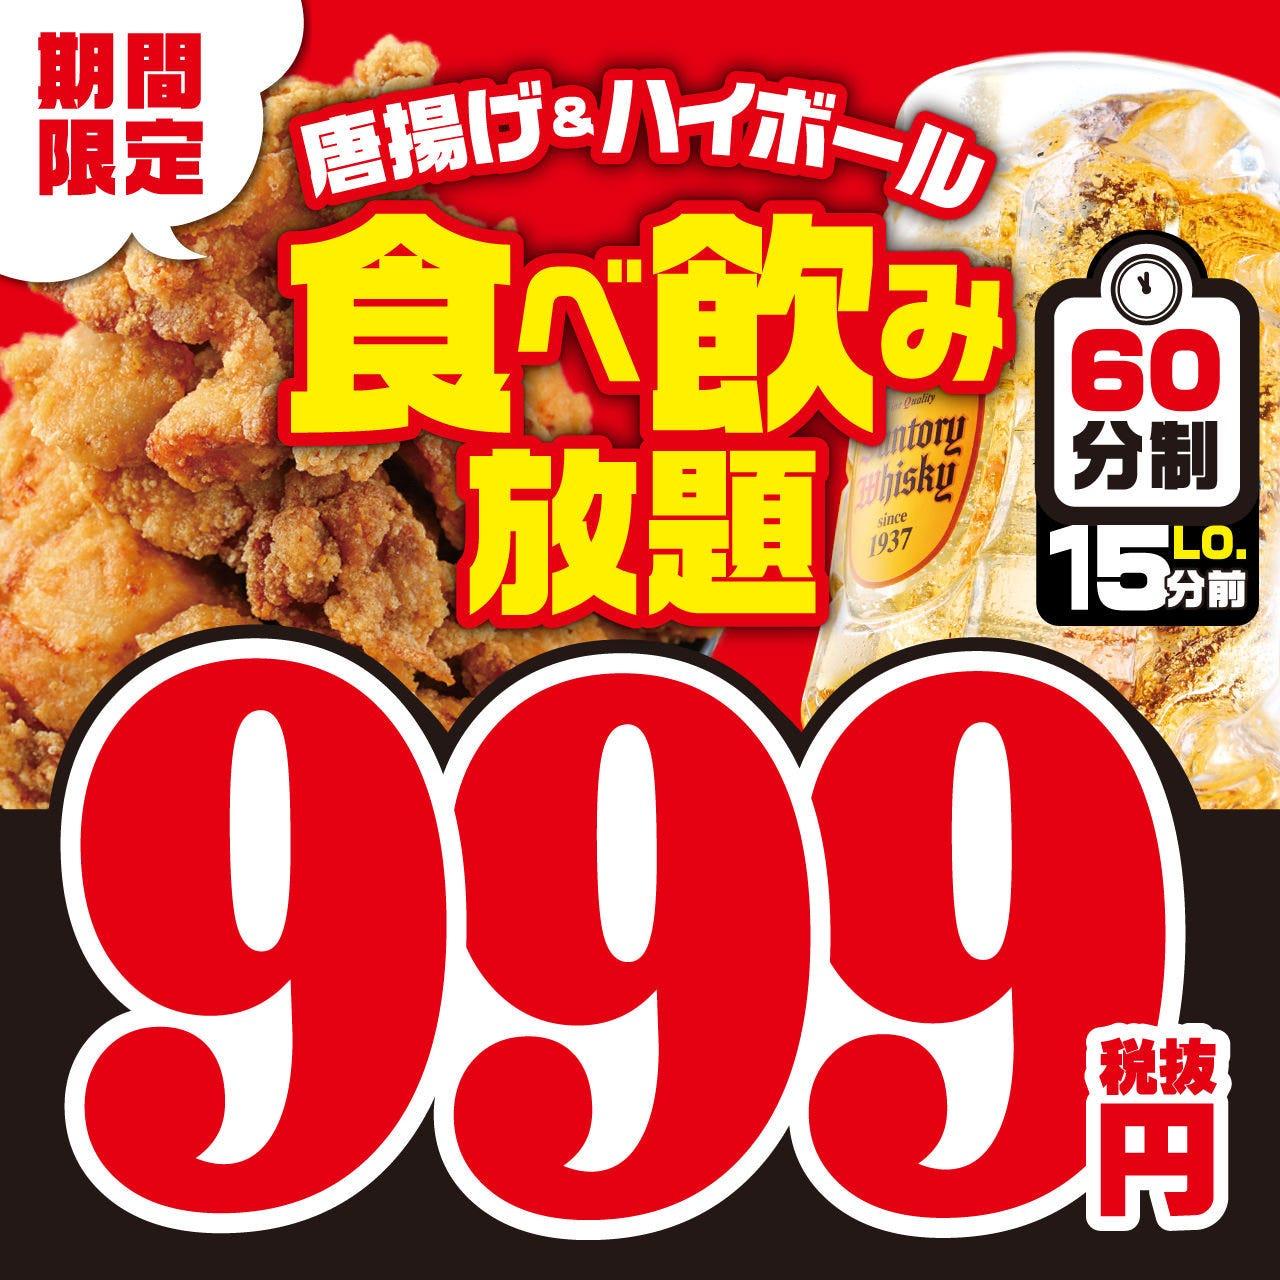 3種類の唐揚げ+ハイボール1時間食べ飲み放題【999円(税抜)~】